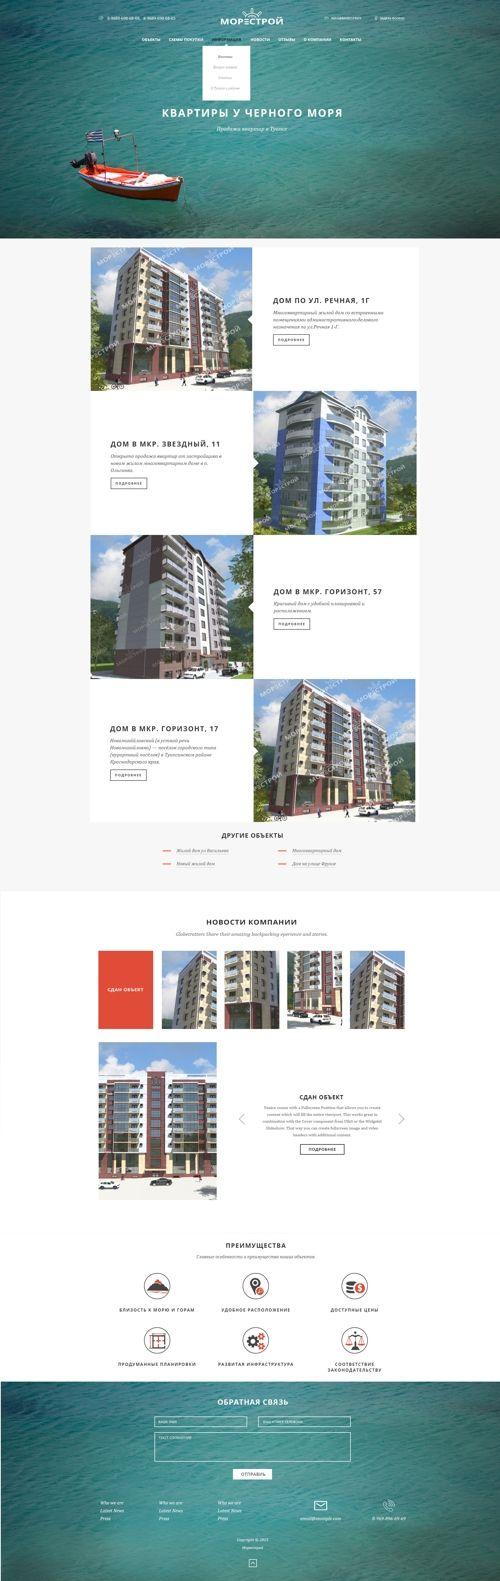 Создание сайта строительной компании (Туапсе) на на #CMS #Joomla #ONVOLGA #ИнтернетАгентство #ВебСтудия #СозданиеСайтов #СайтПодКлюч